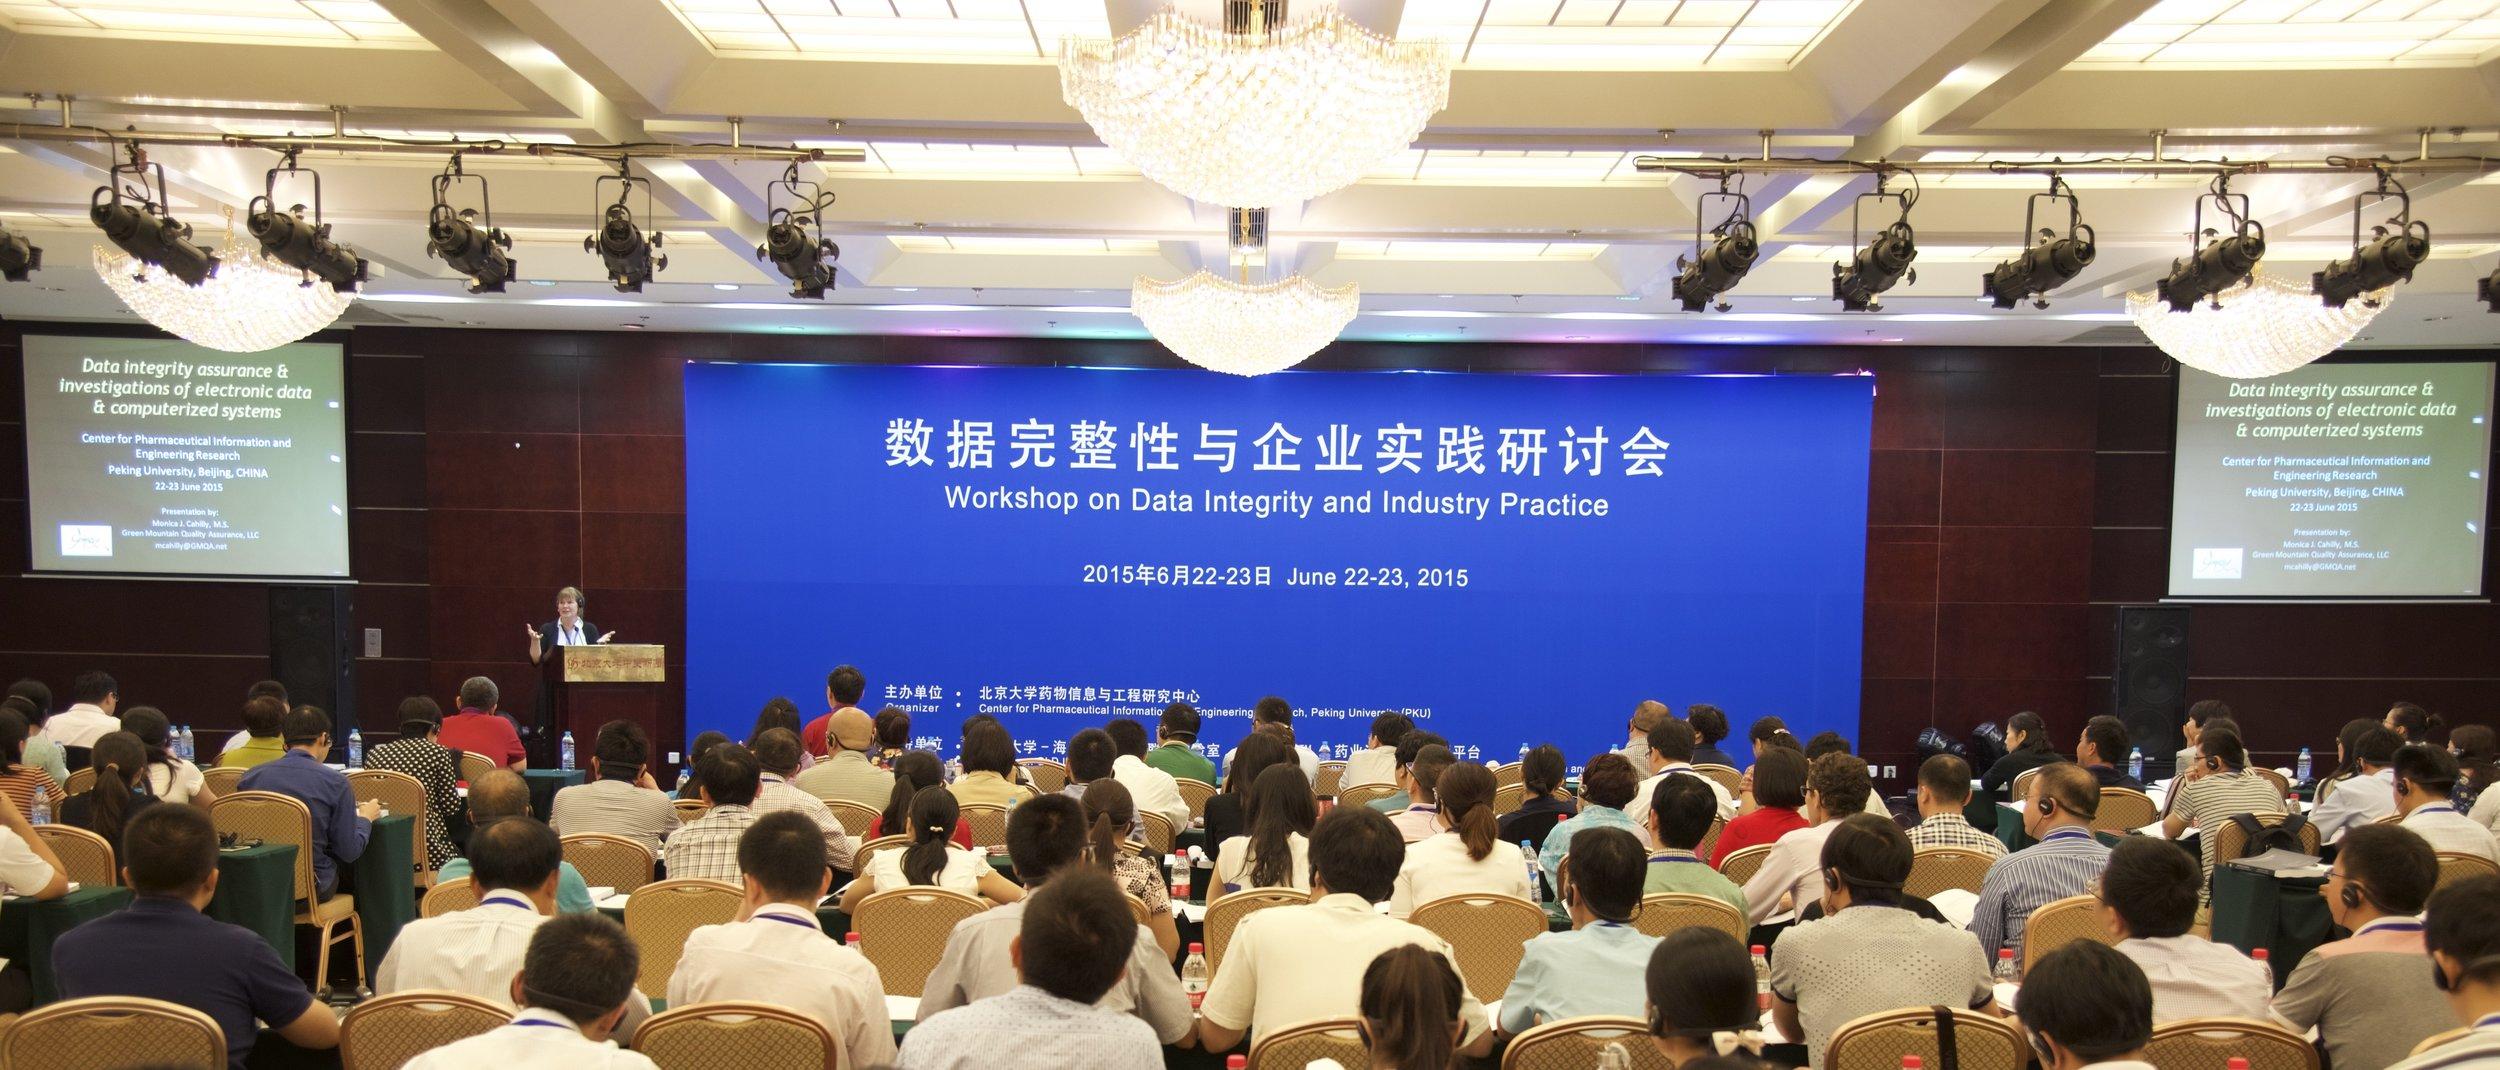 China Peking Univ June 2015.jpeg